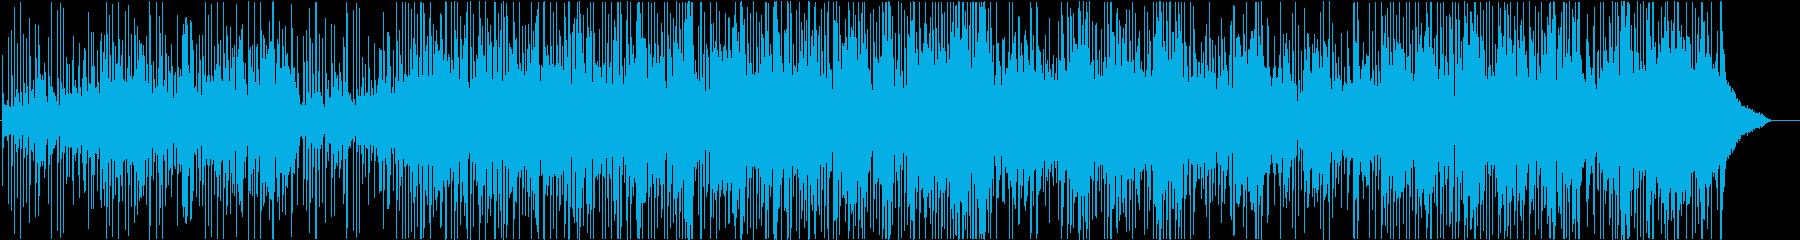 軽快なケルティック的なサウンドの再生済みの波形